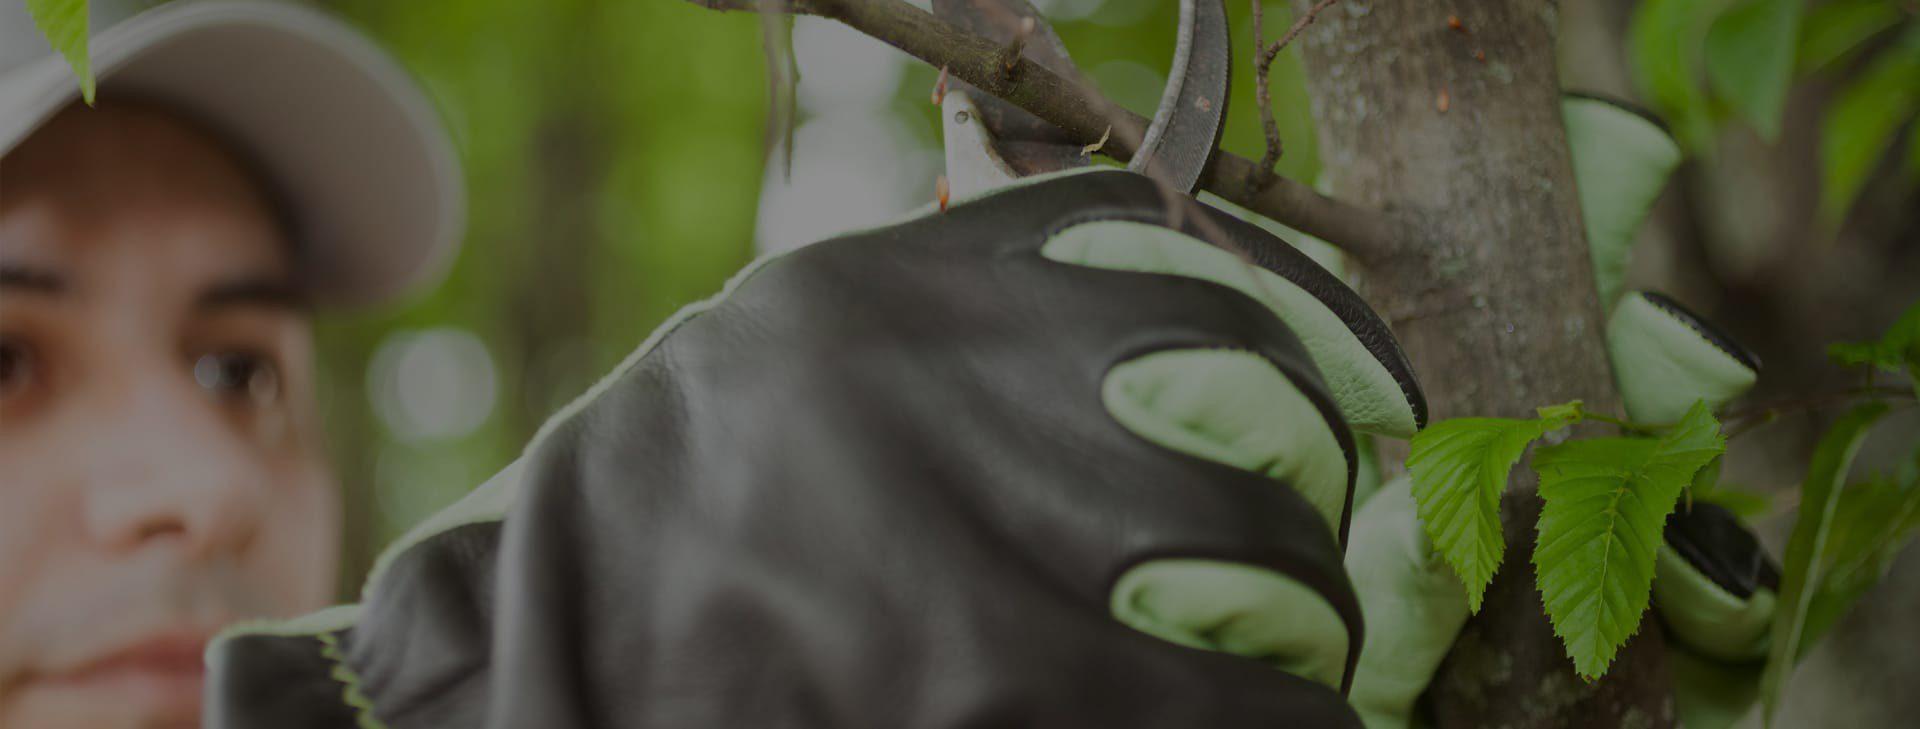 طراحی و اجرای فضای سبز، <br /> گل کاری و حفظ و نگهداری